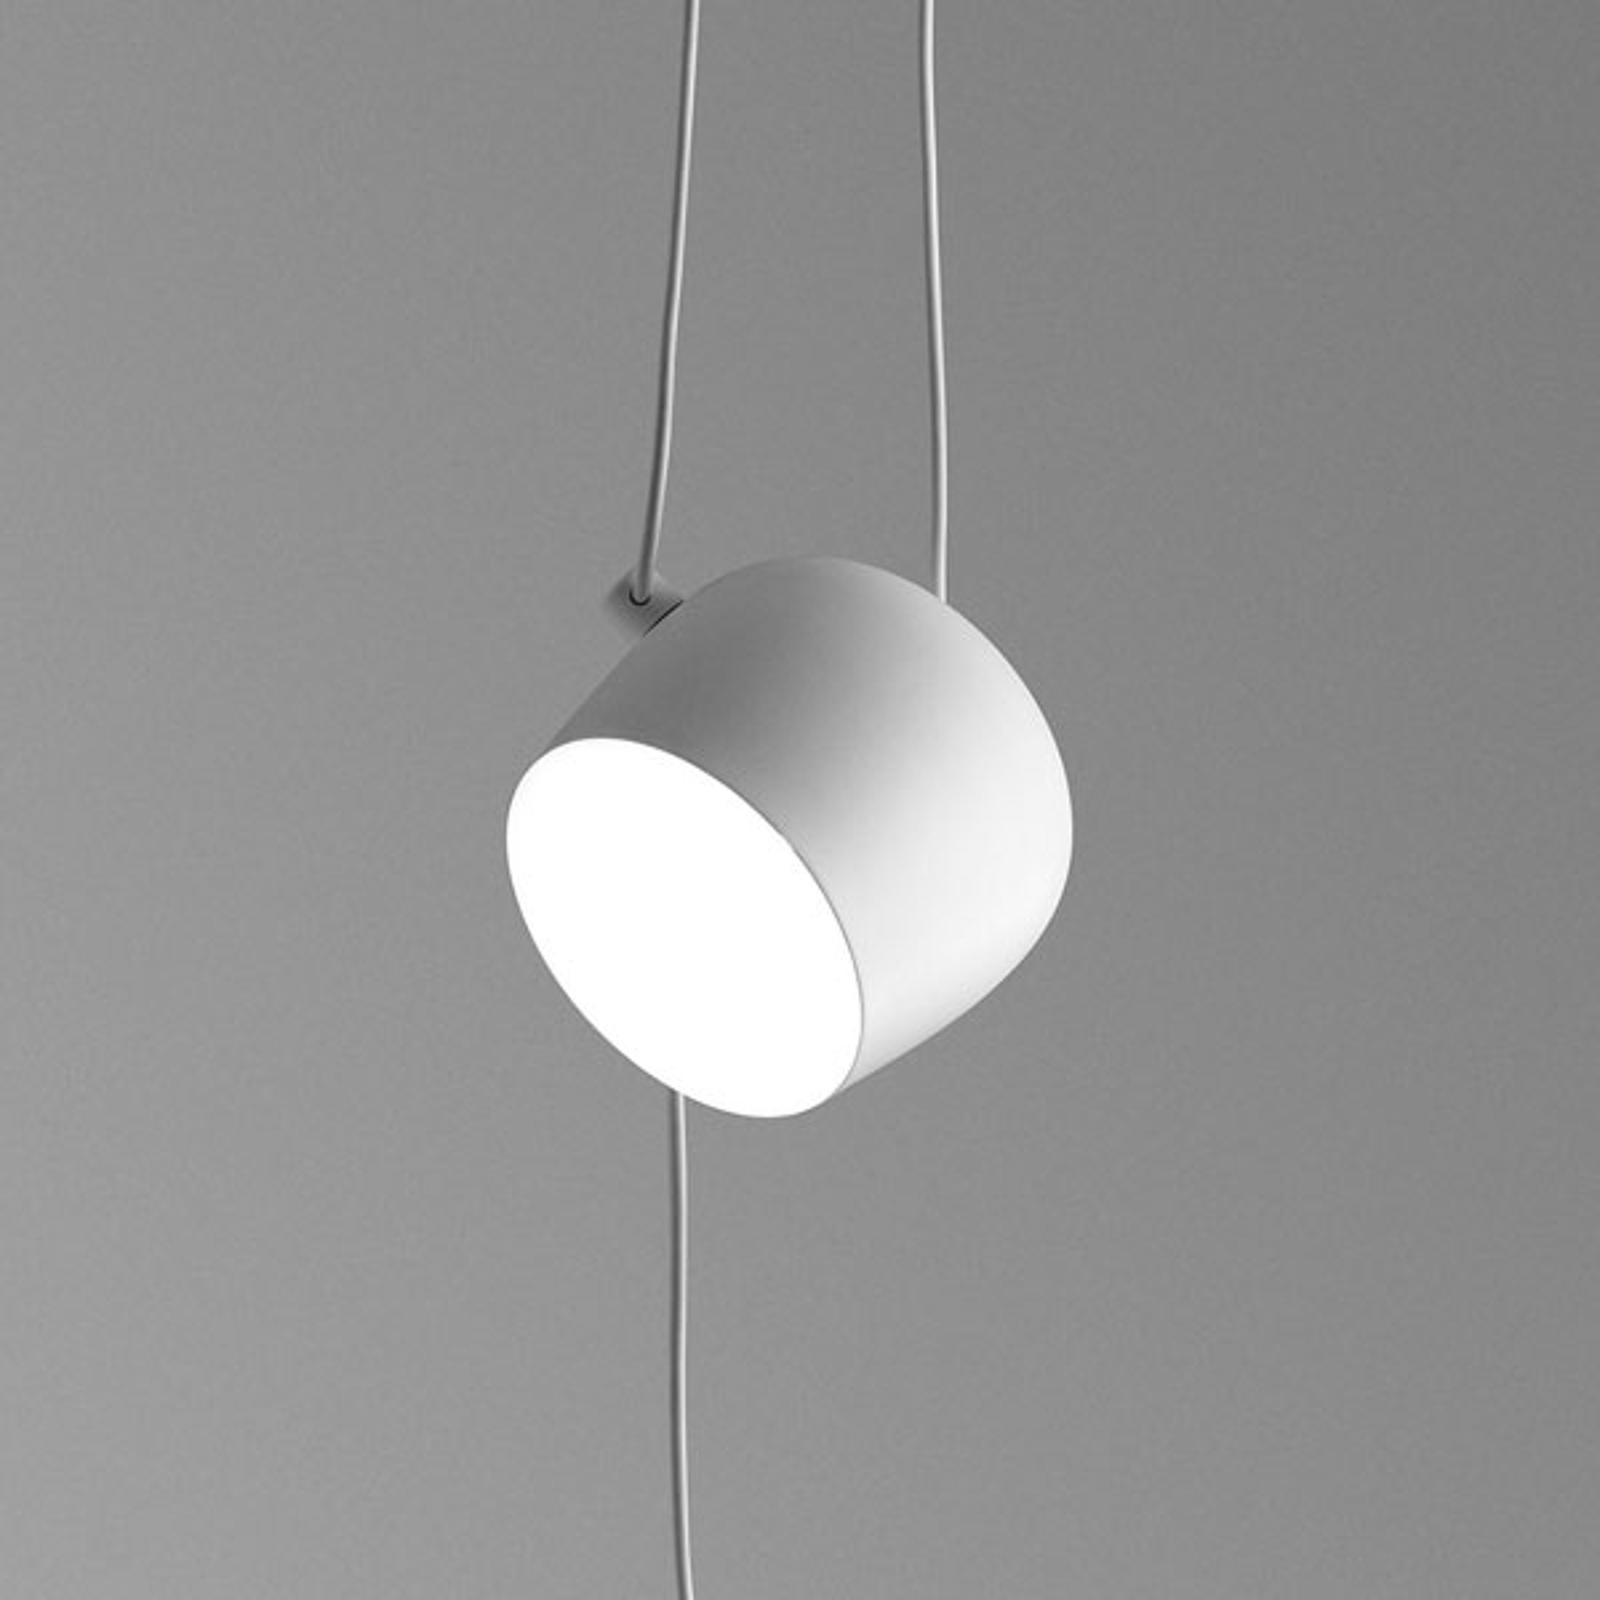 FLOS Aim Small sospensione con spina, bianco